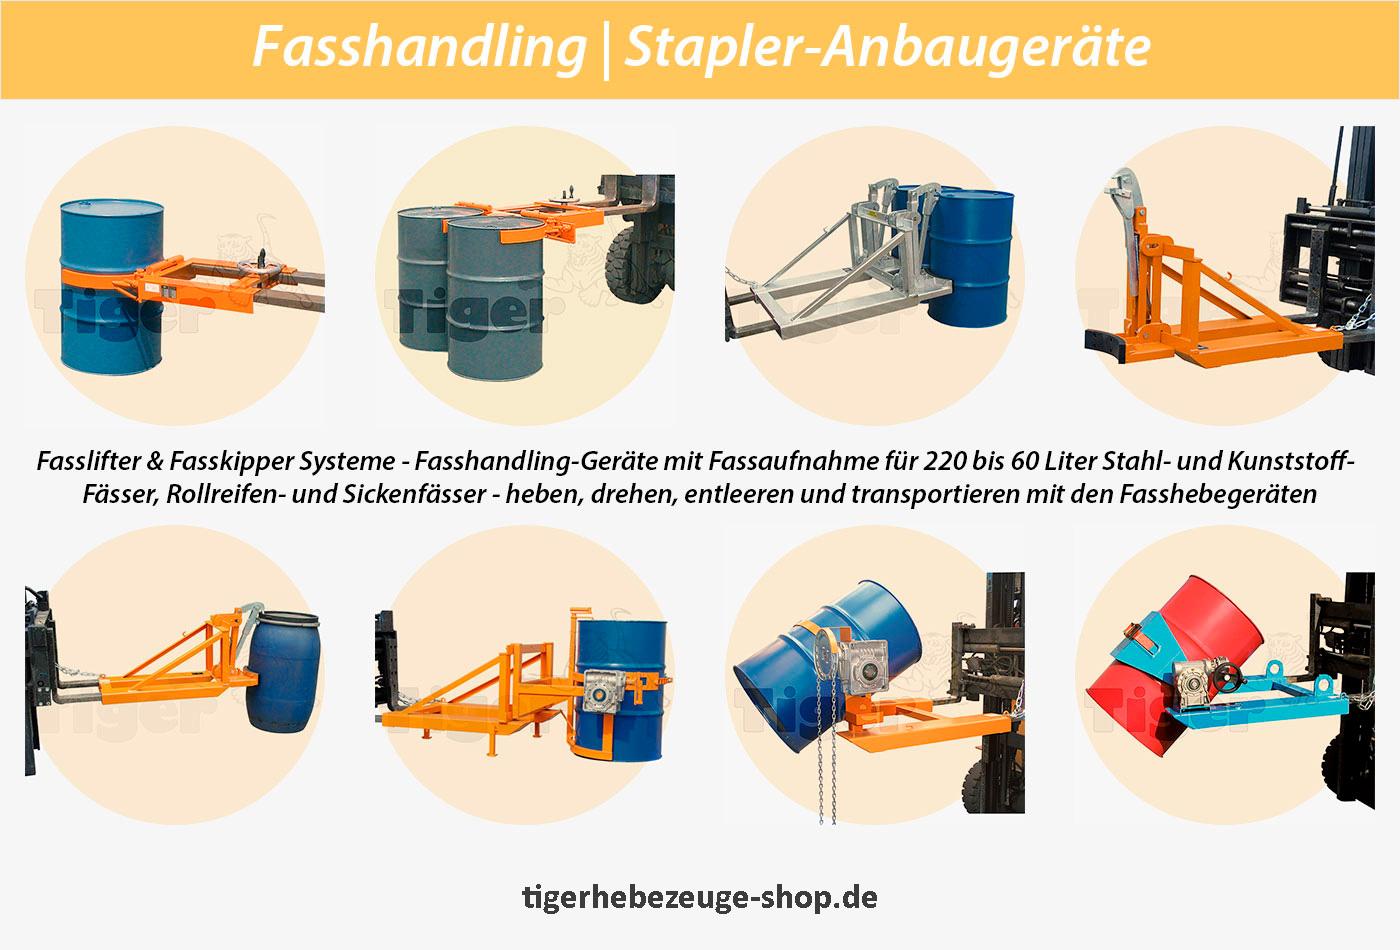 Fasslandling Stapler